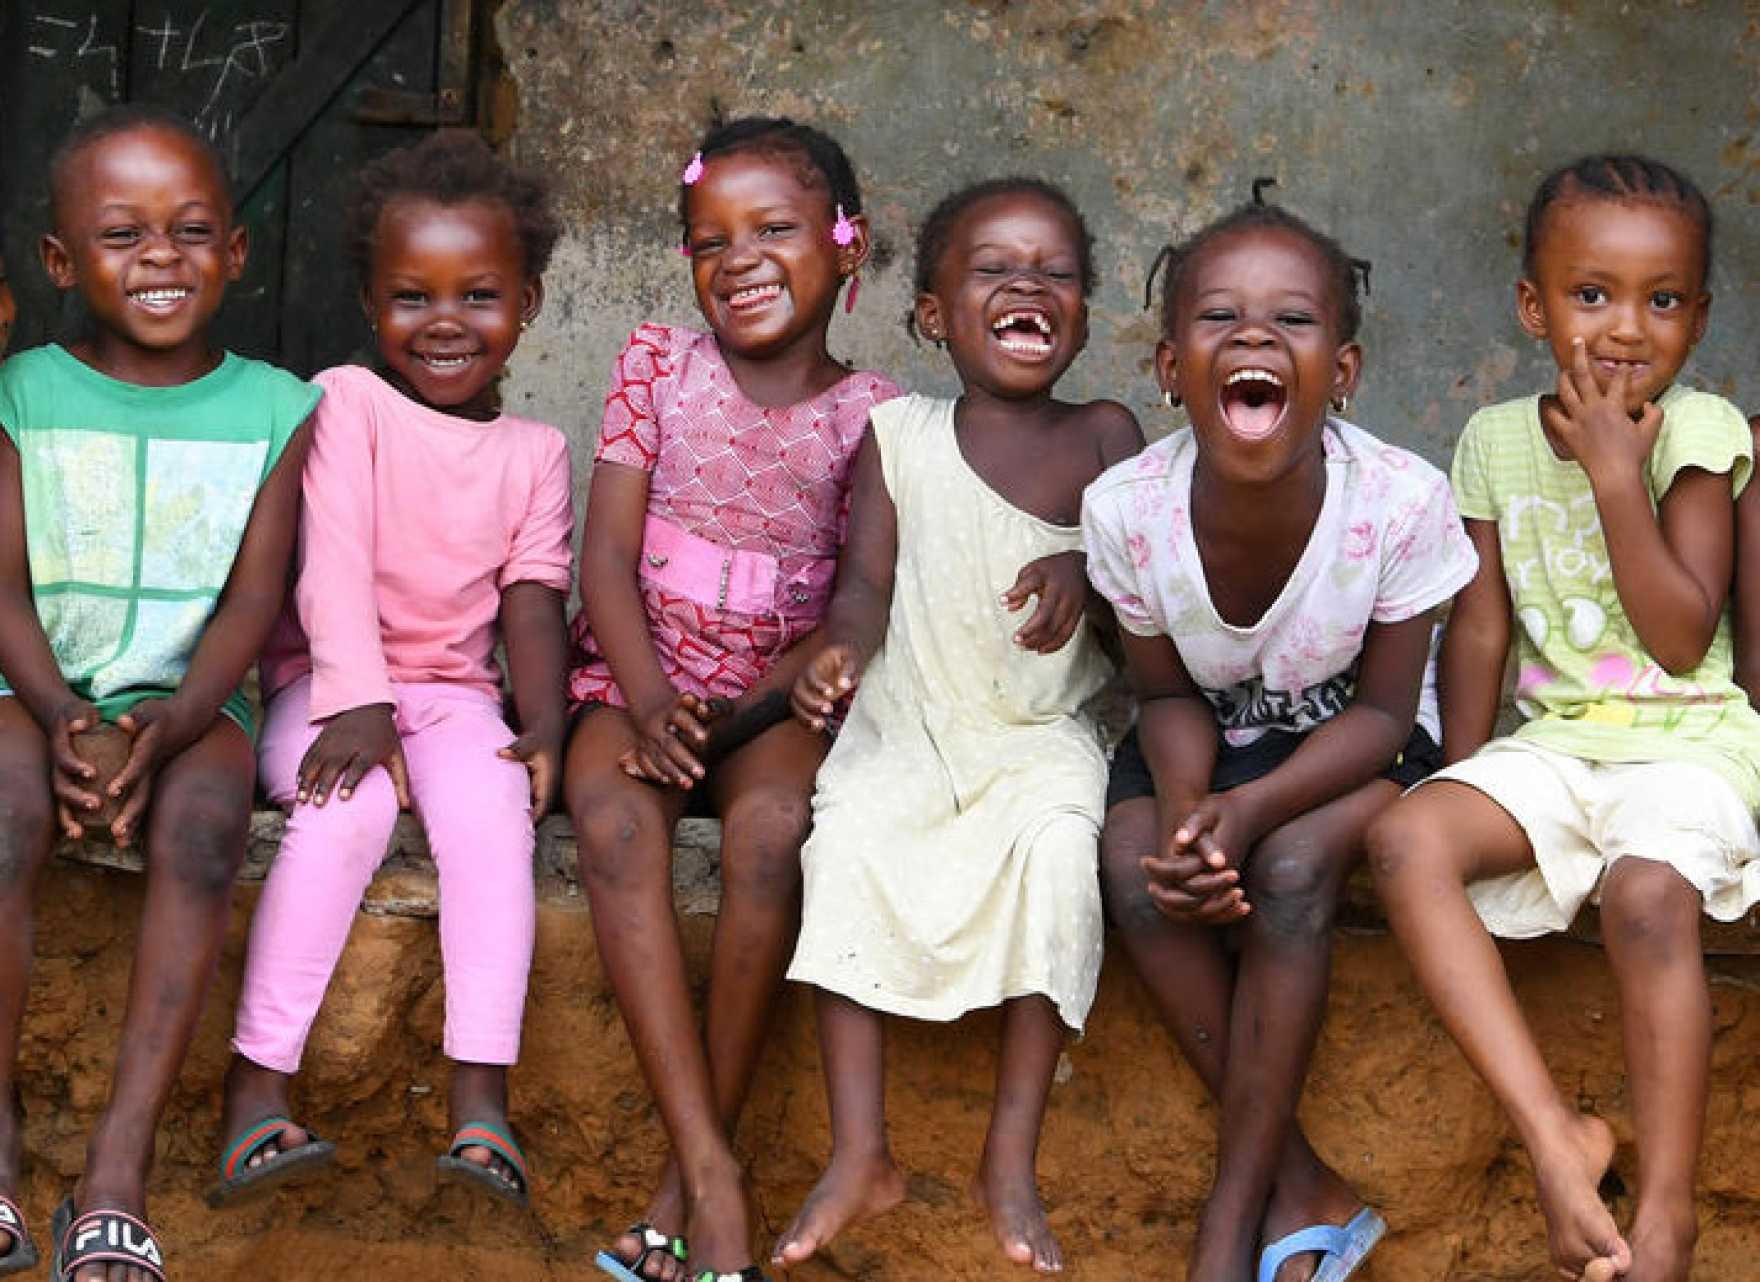 Glada barn i Elfenbenskusten